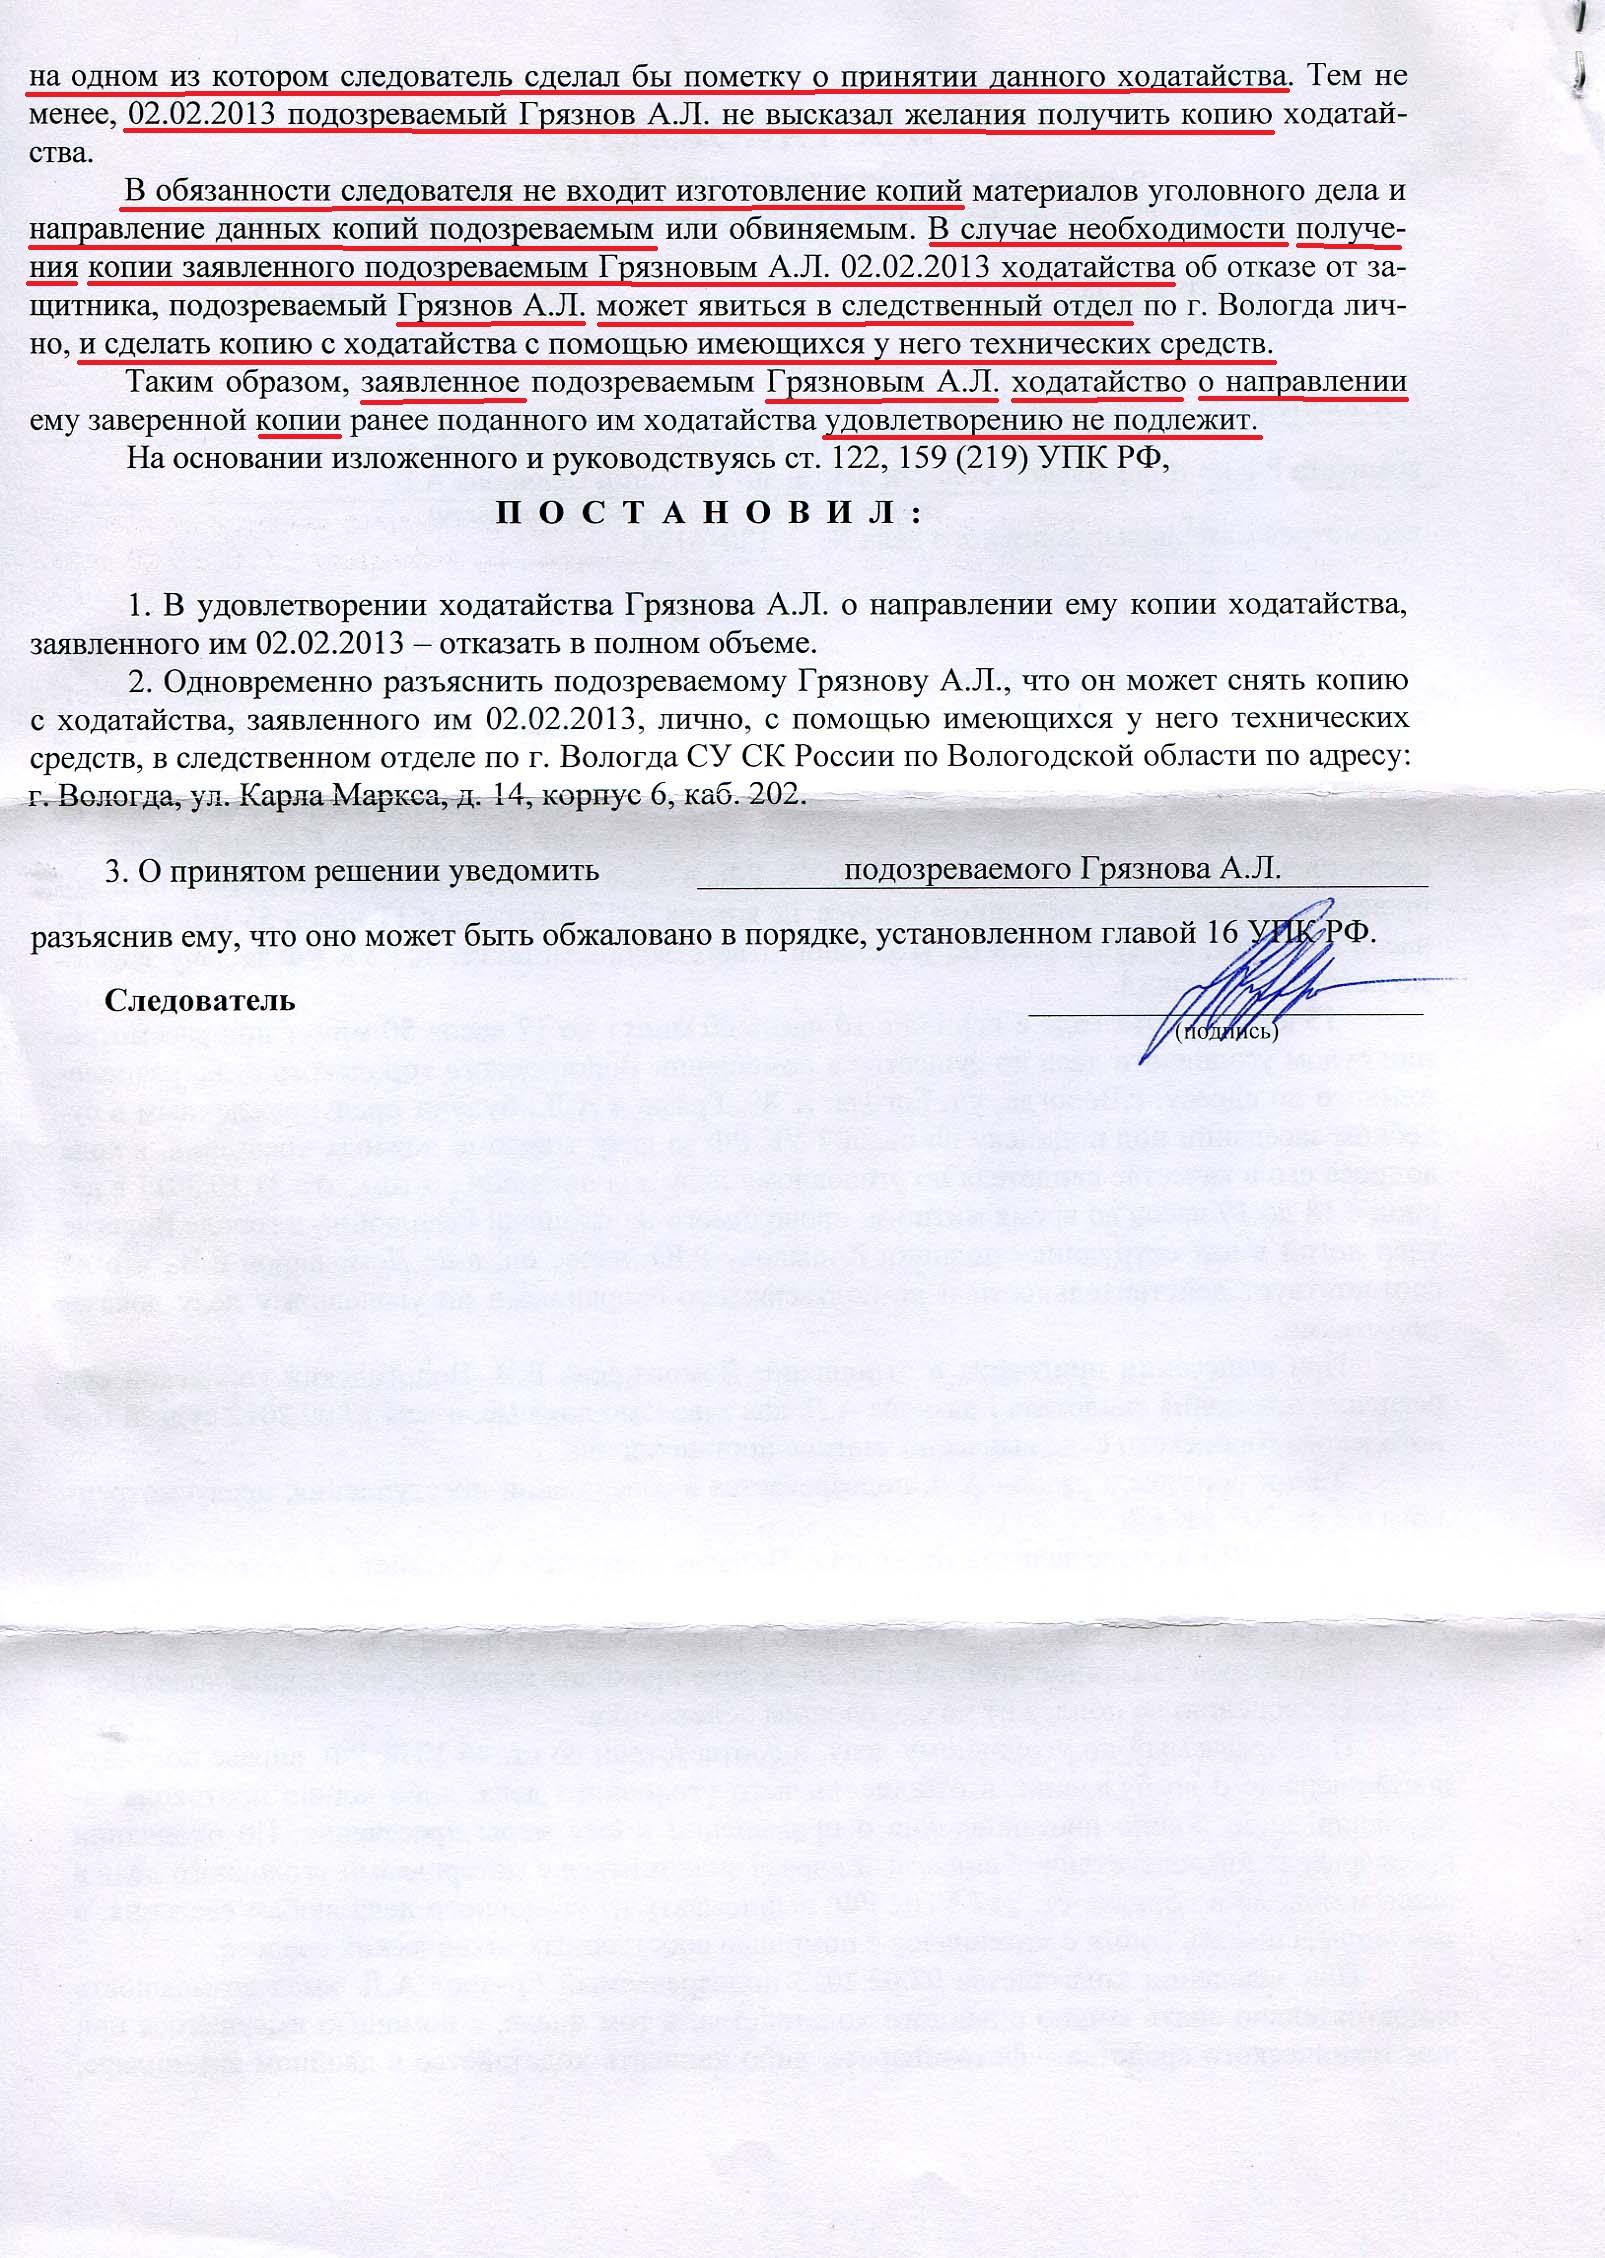 документы от следователя Анны Селяковой